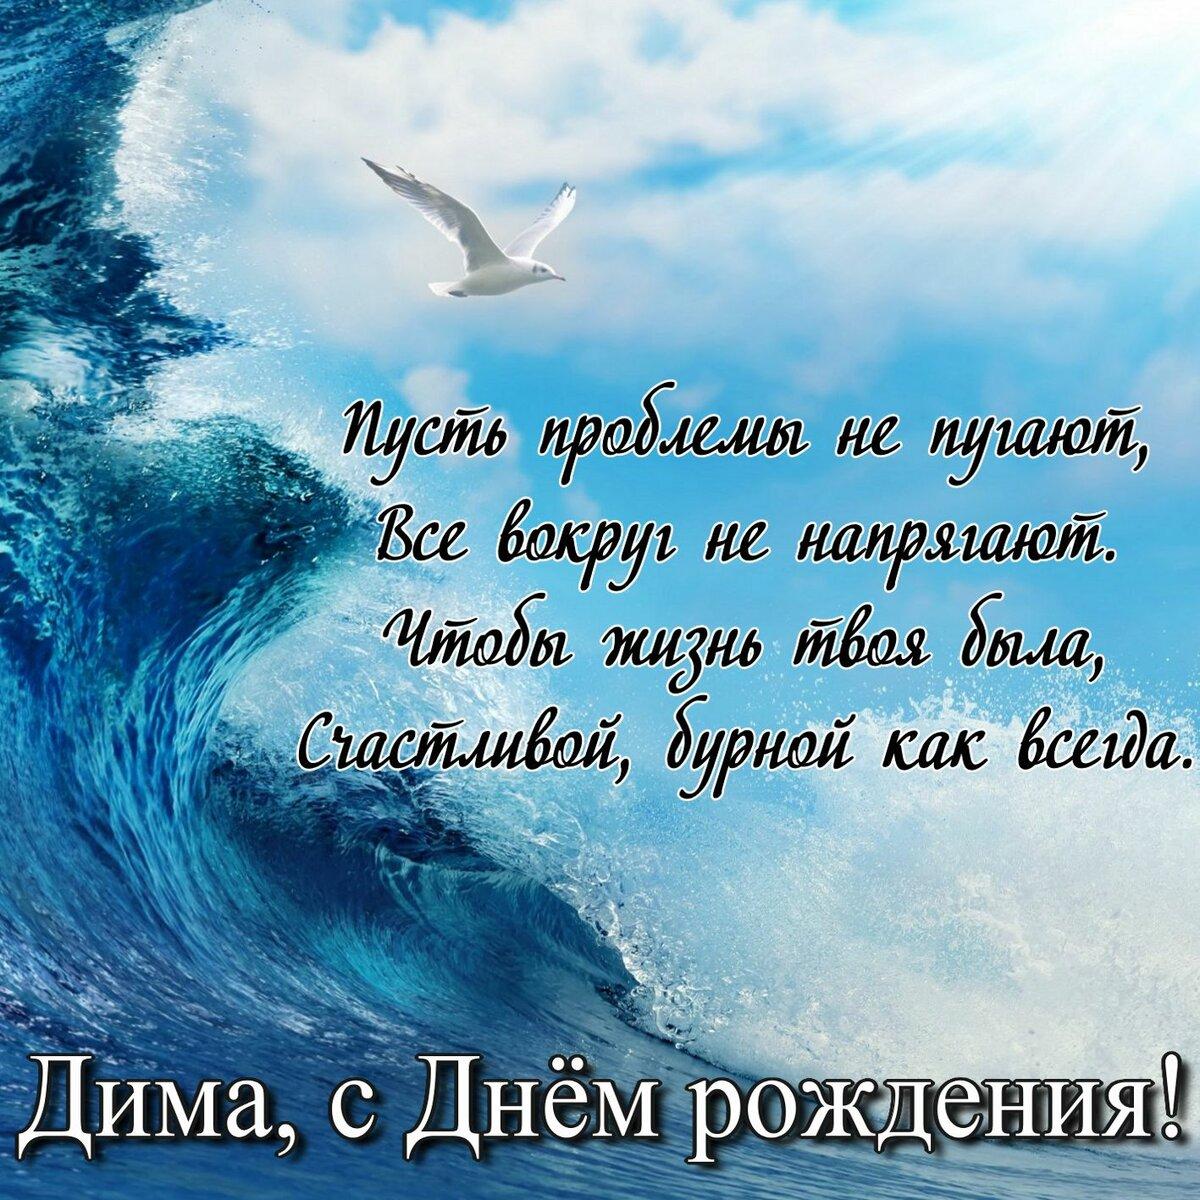 поздравительная открытка дмитрию с днем рождения важный показатель, который